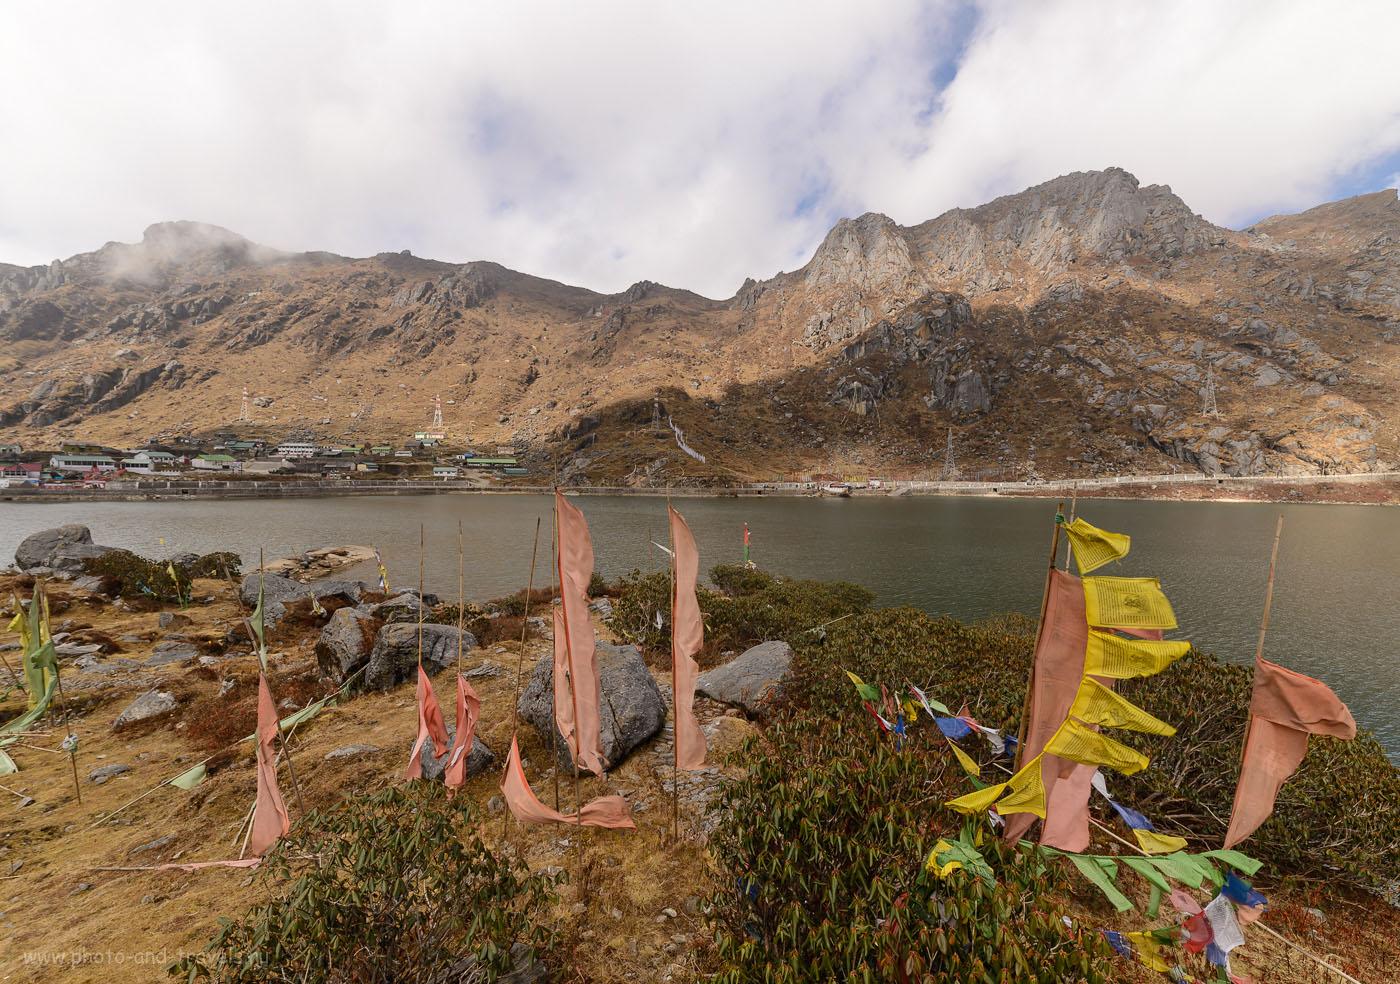 Фото 10. Панорама озера Тсонгмо. Вид на берег с «туристической деревней». Отзывы туристов об экскурсиях в штате Сикким, Индия. 1/160, -1.0, 9.0, 100, 14.